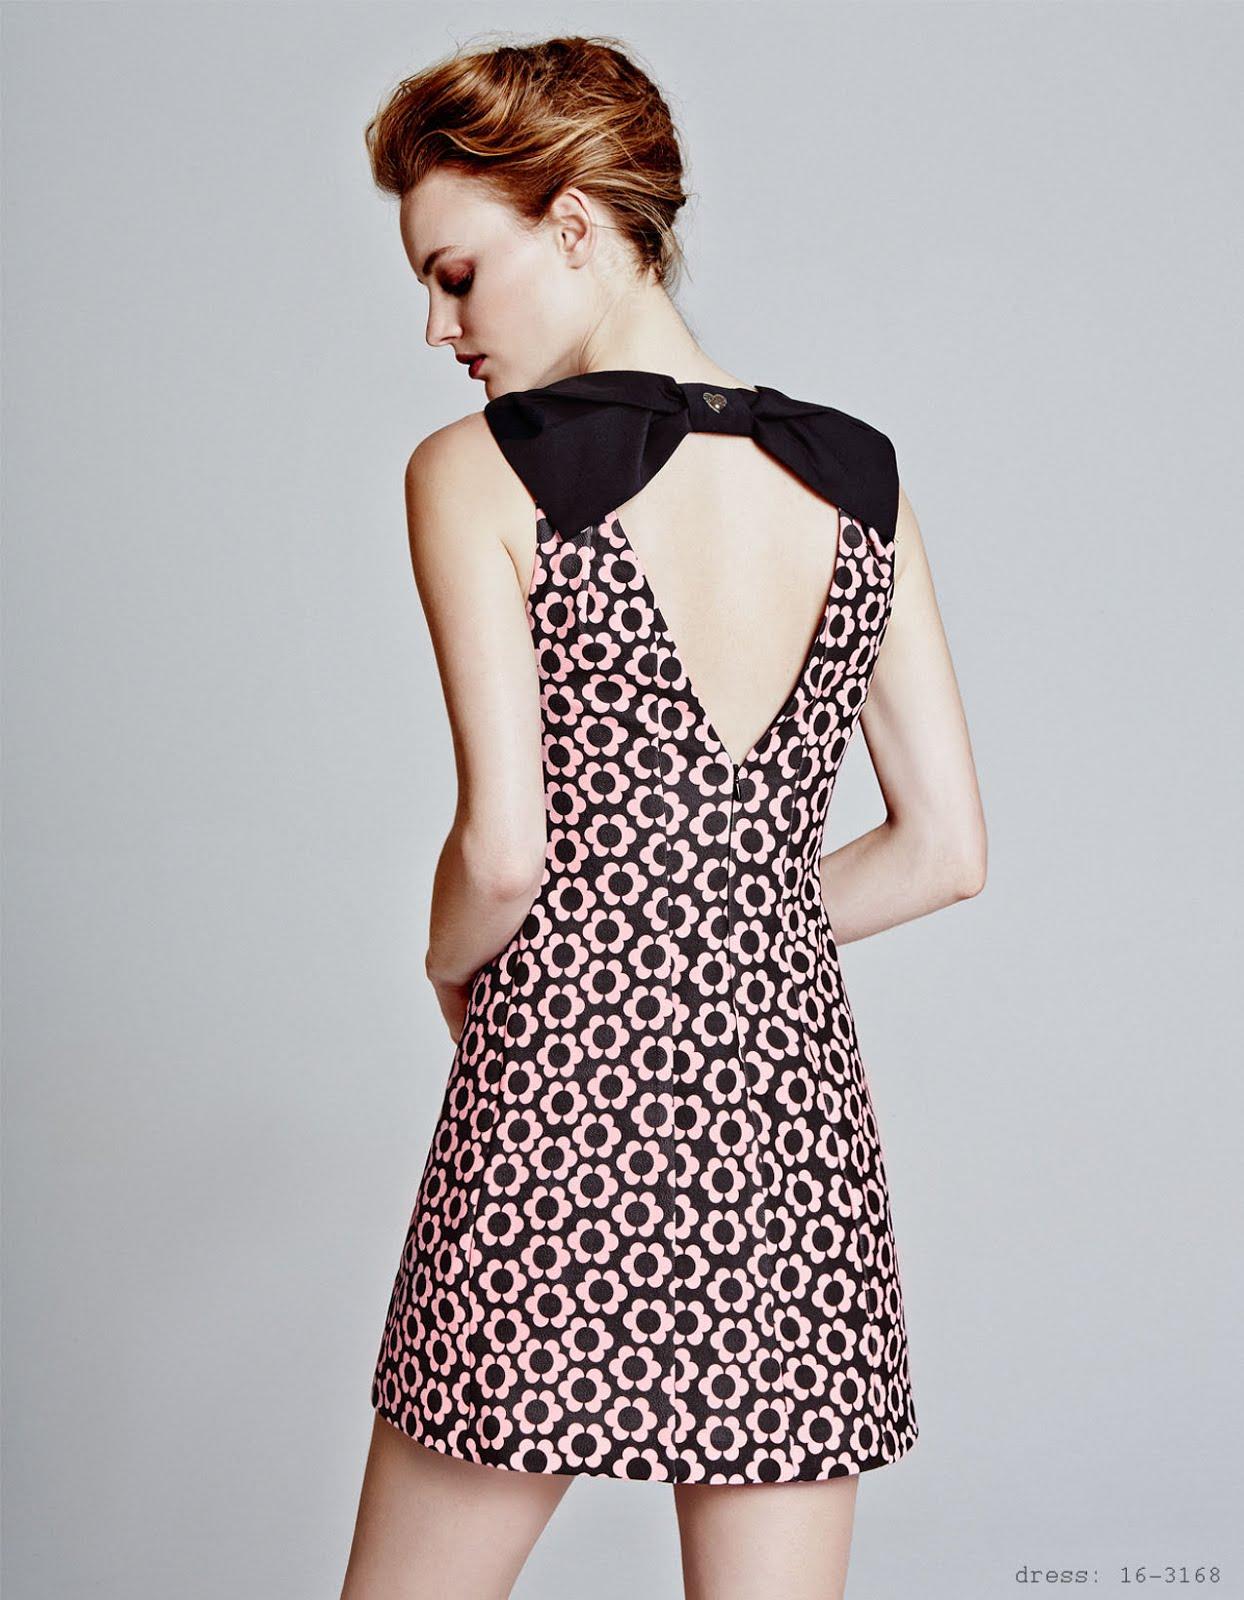 Φορεμα απογευματινο S/S 2016